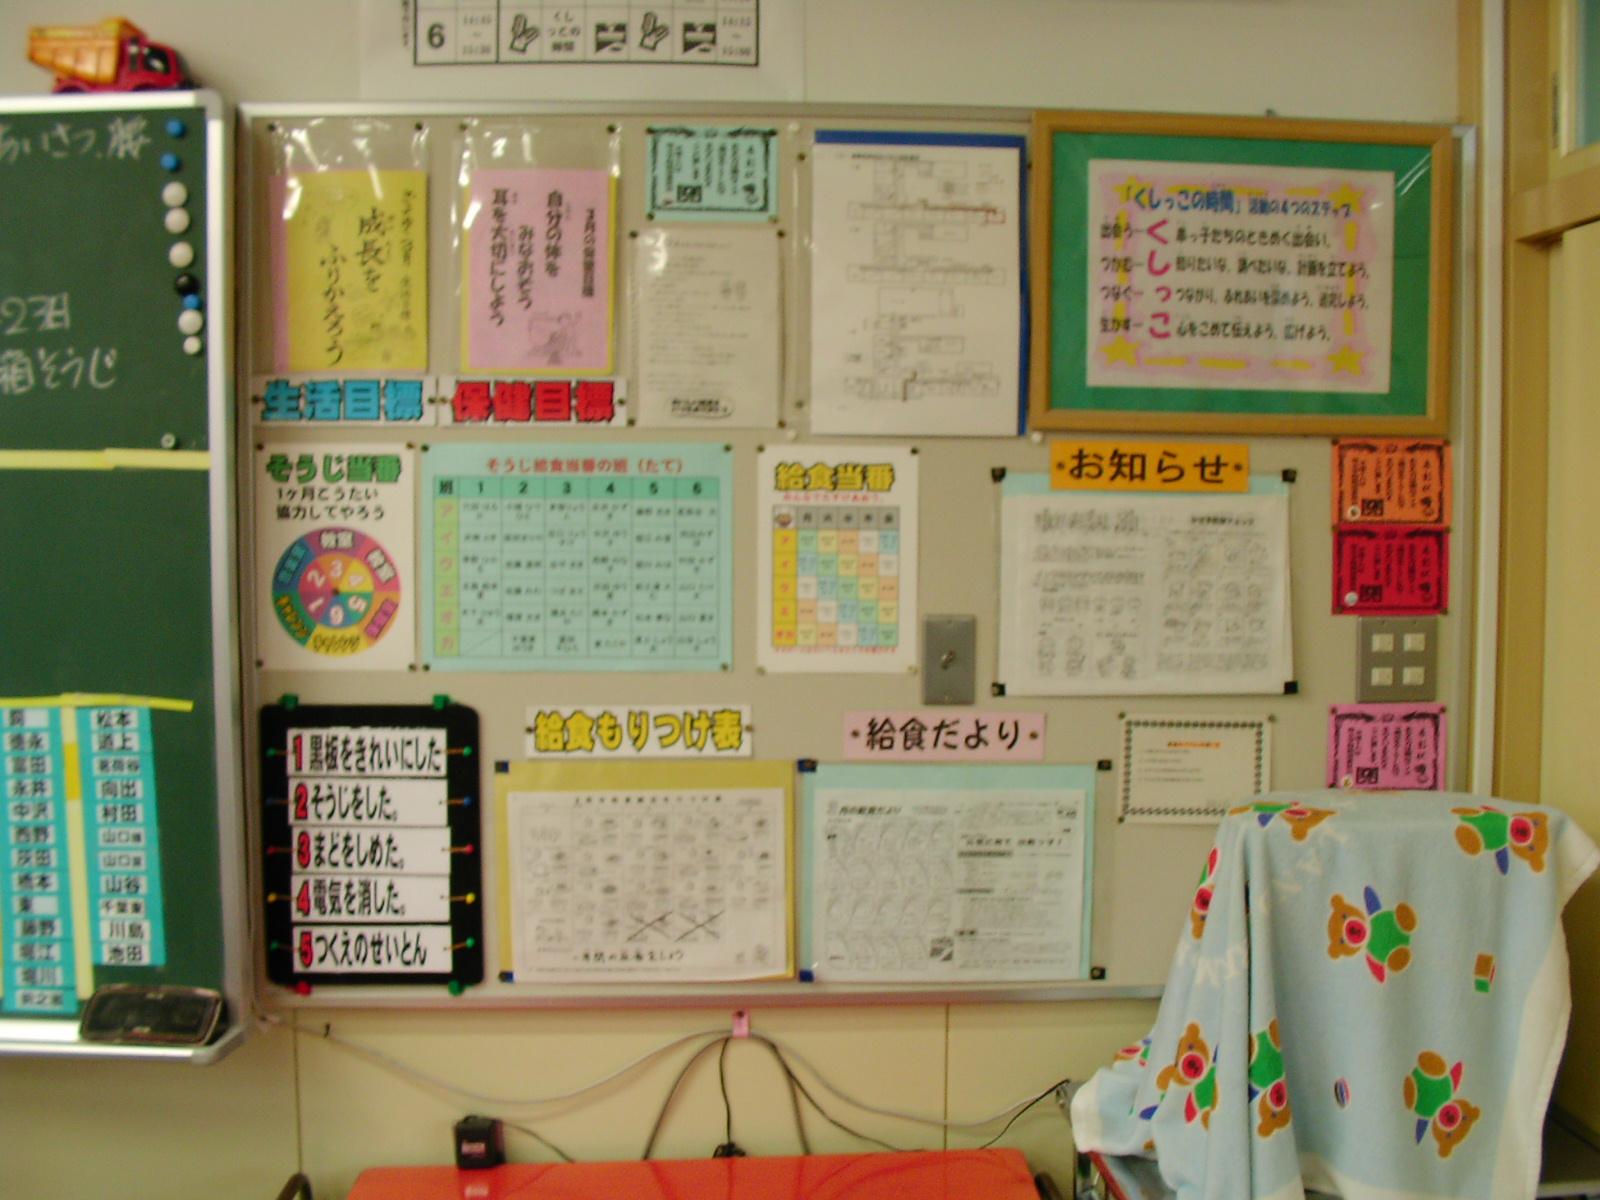 プリント 漢字プリント 3年生 : SANY0085.JPG: 教室の掲示物 ...